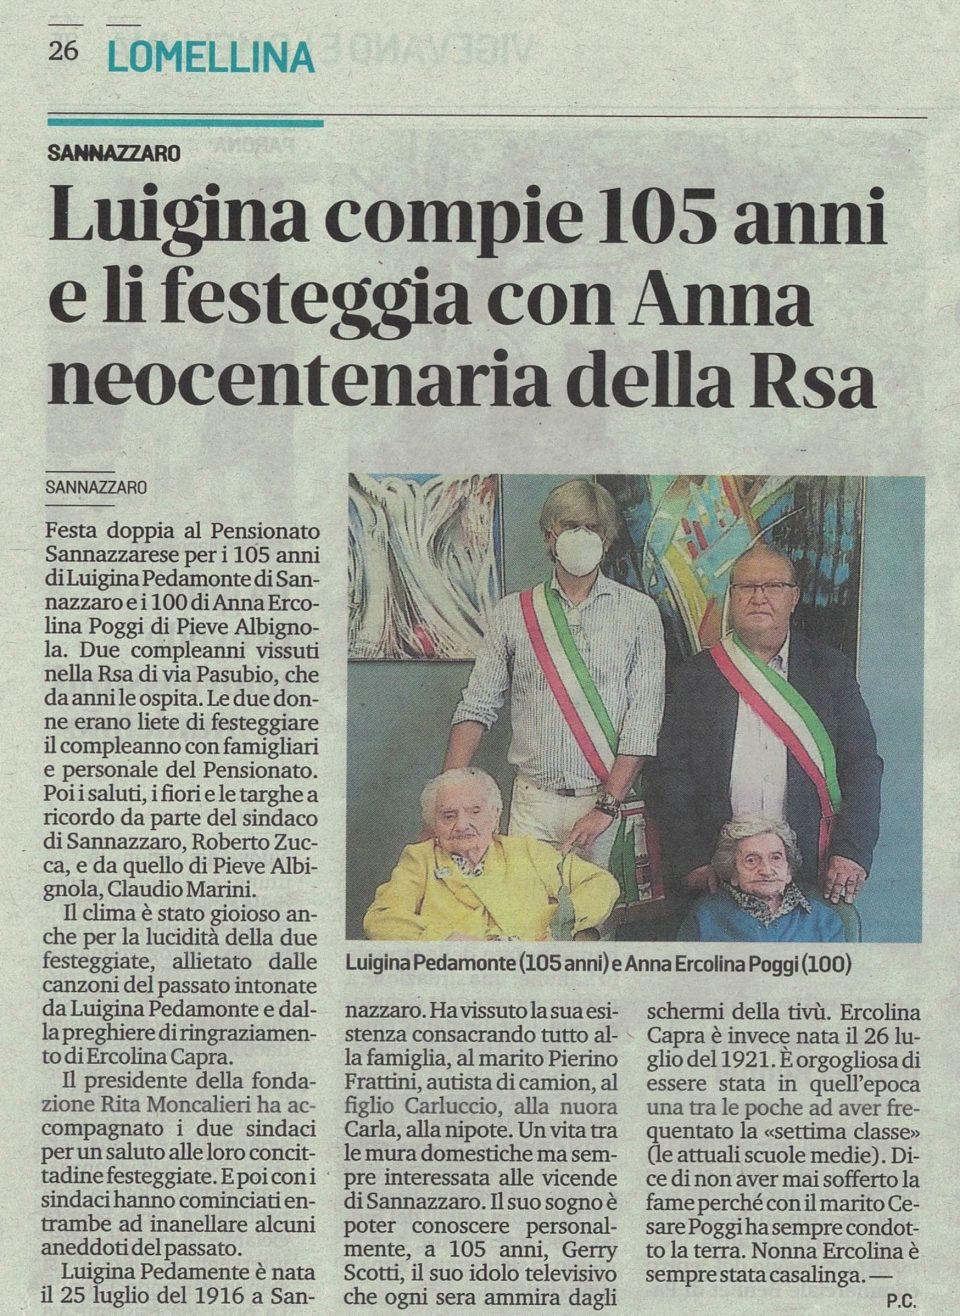 Luigina compie 105 anni e li festeggia con Anna neocentenaria della Rsa